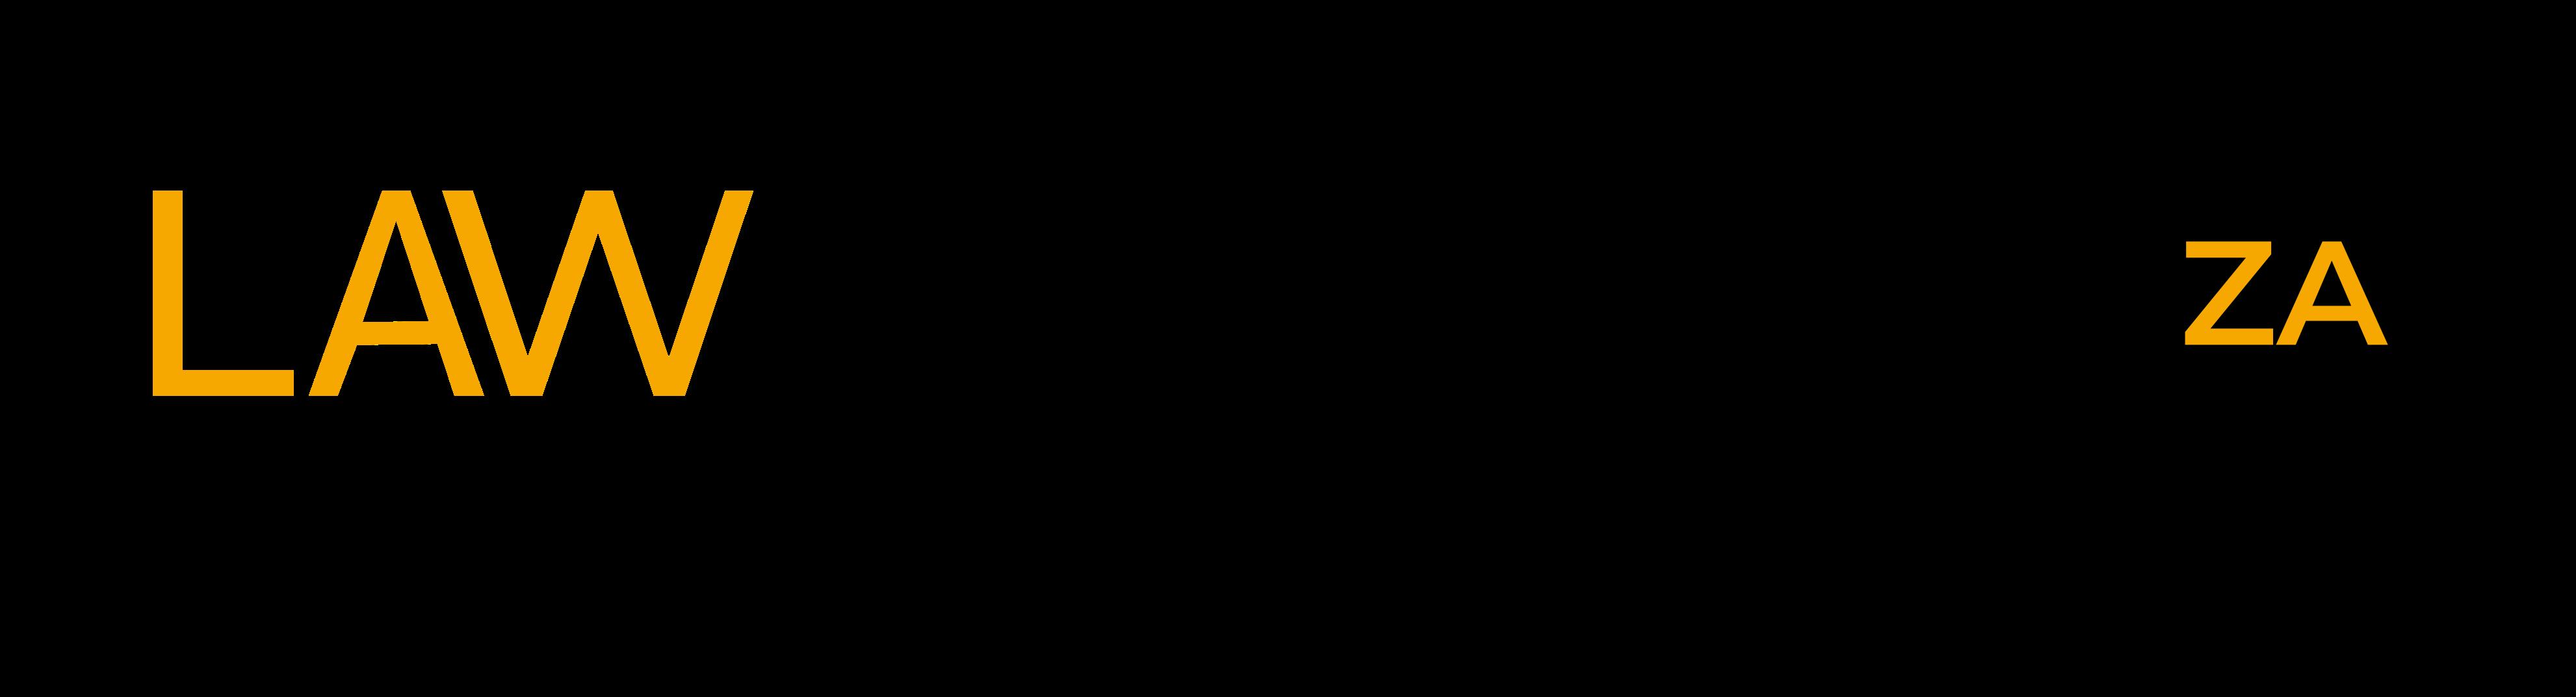 LawPracticeZA